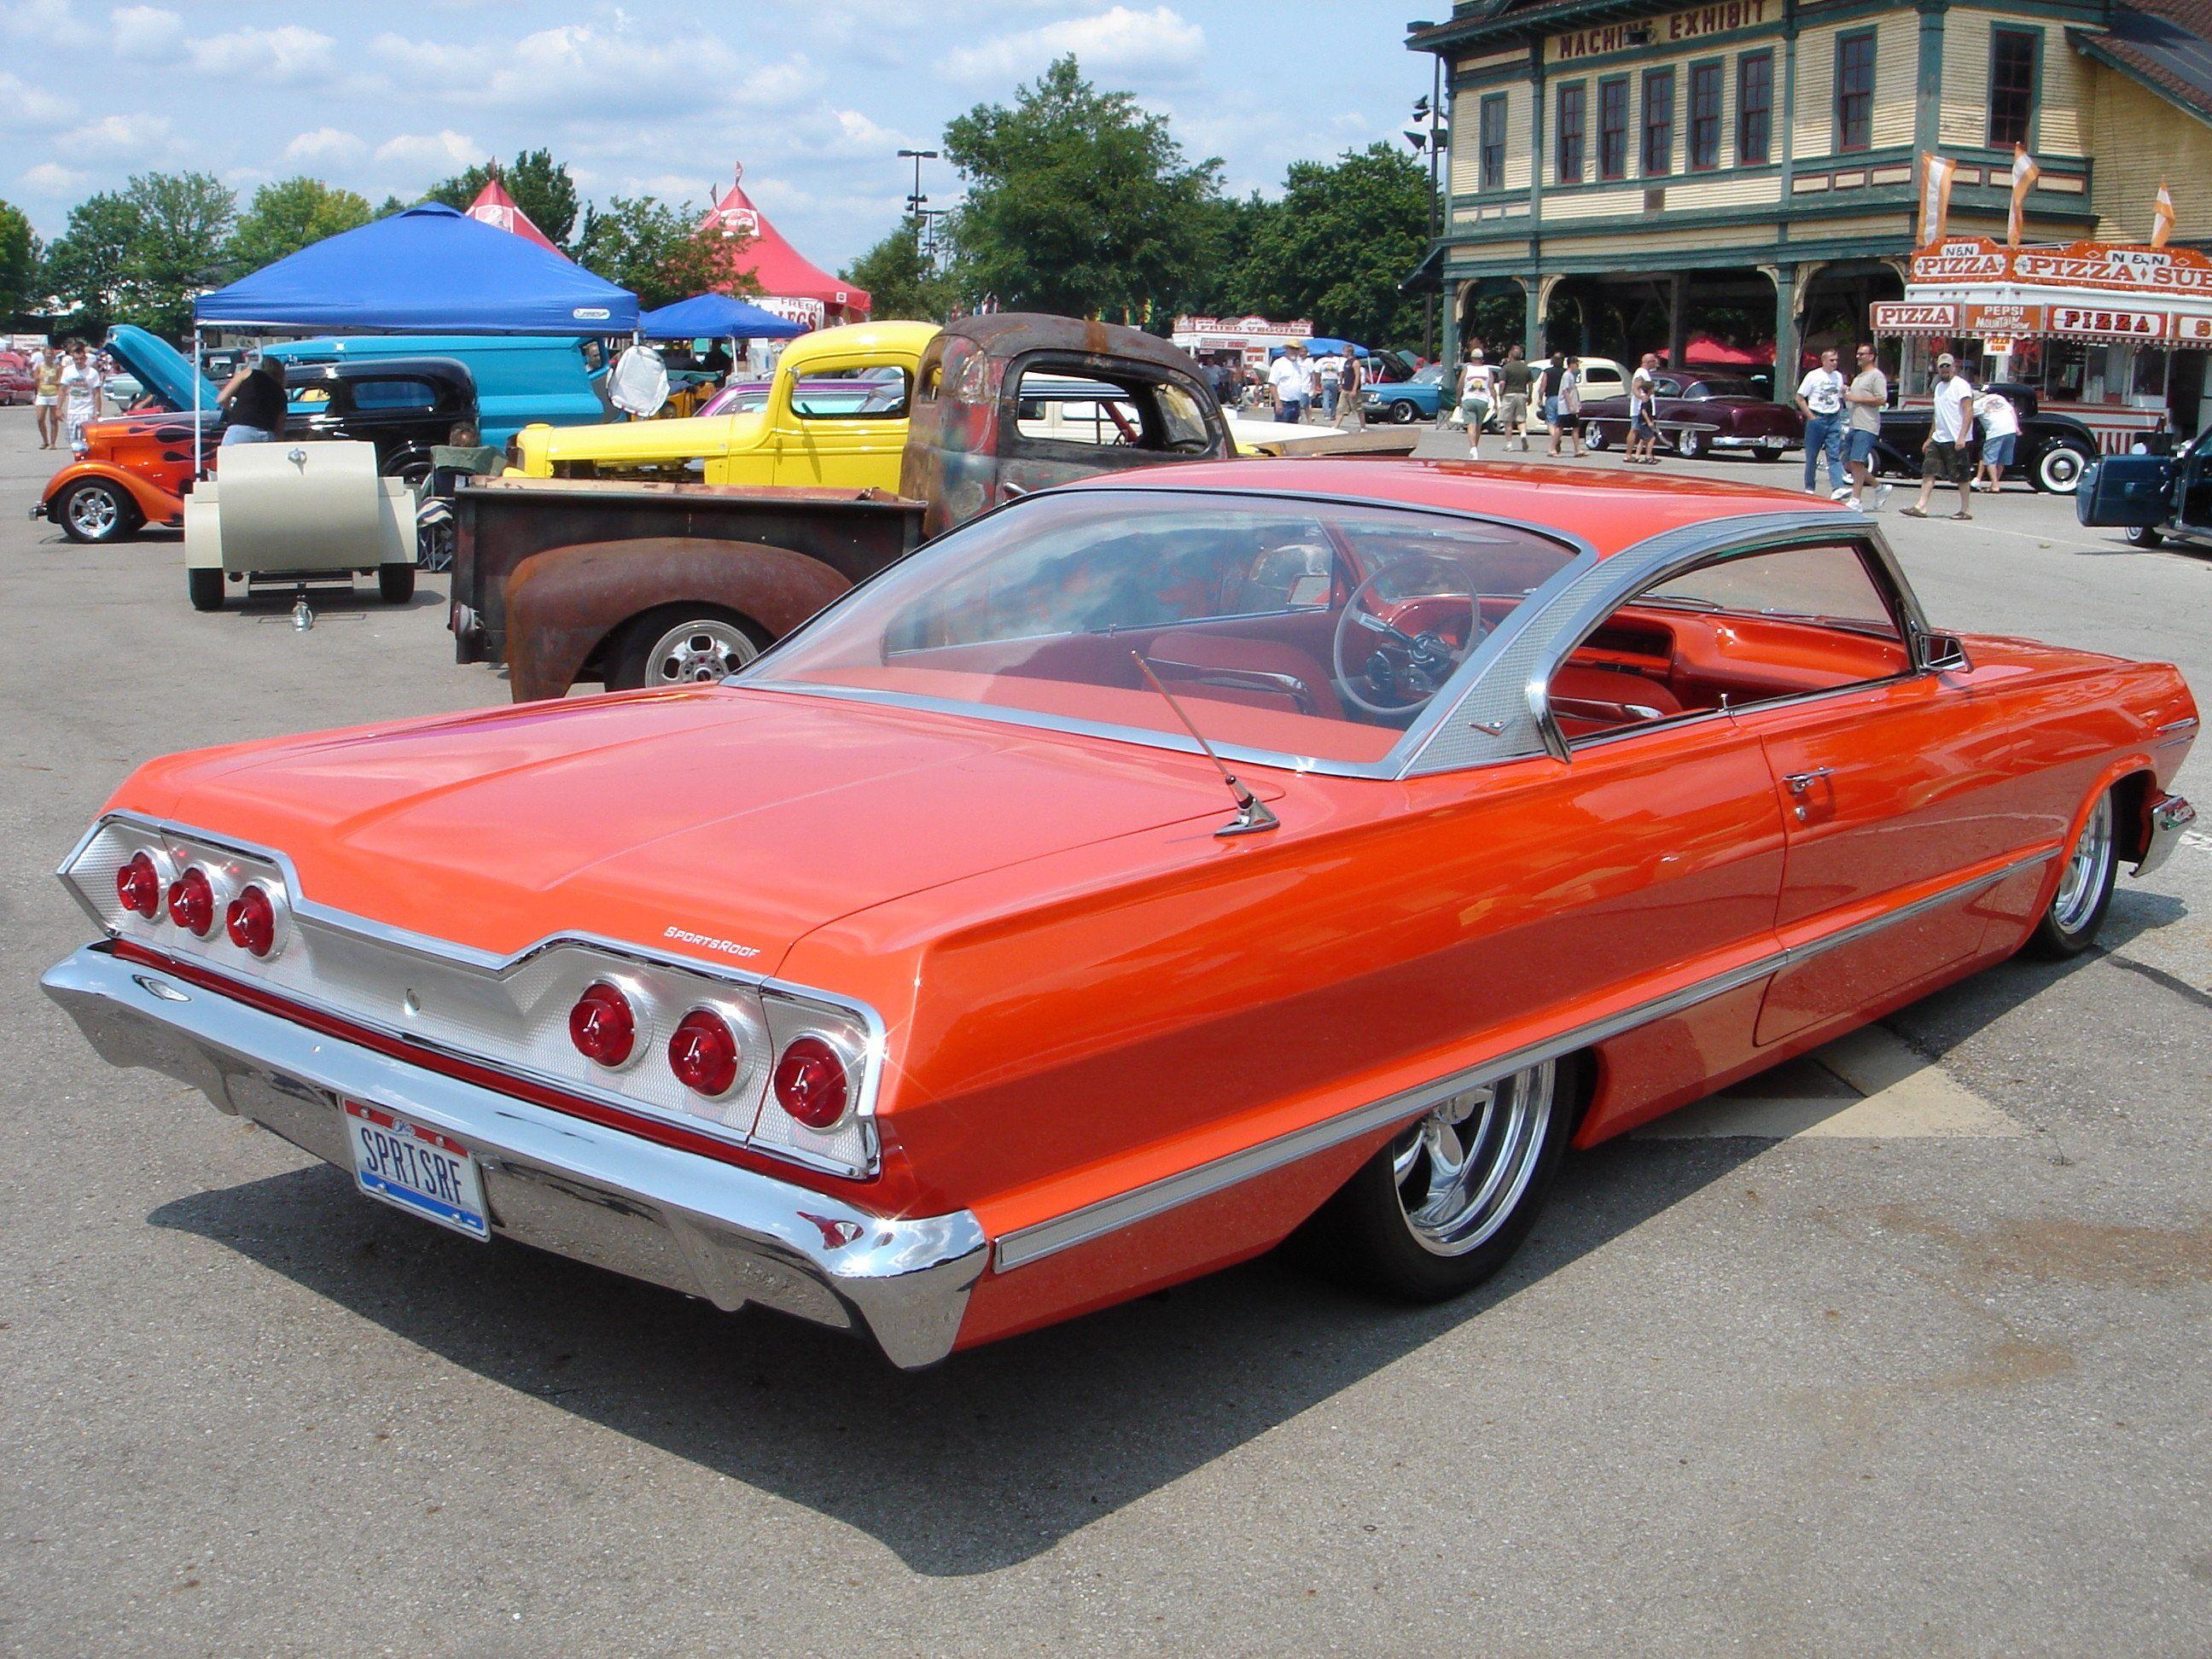 Custom Orange 1963 Impala SS with heavy modifications